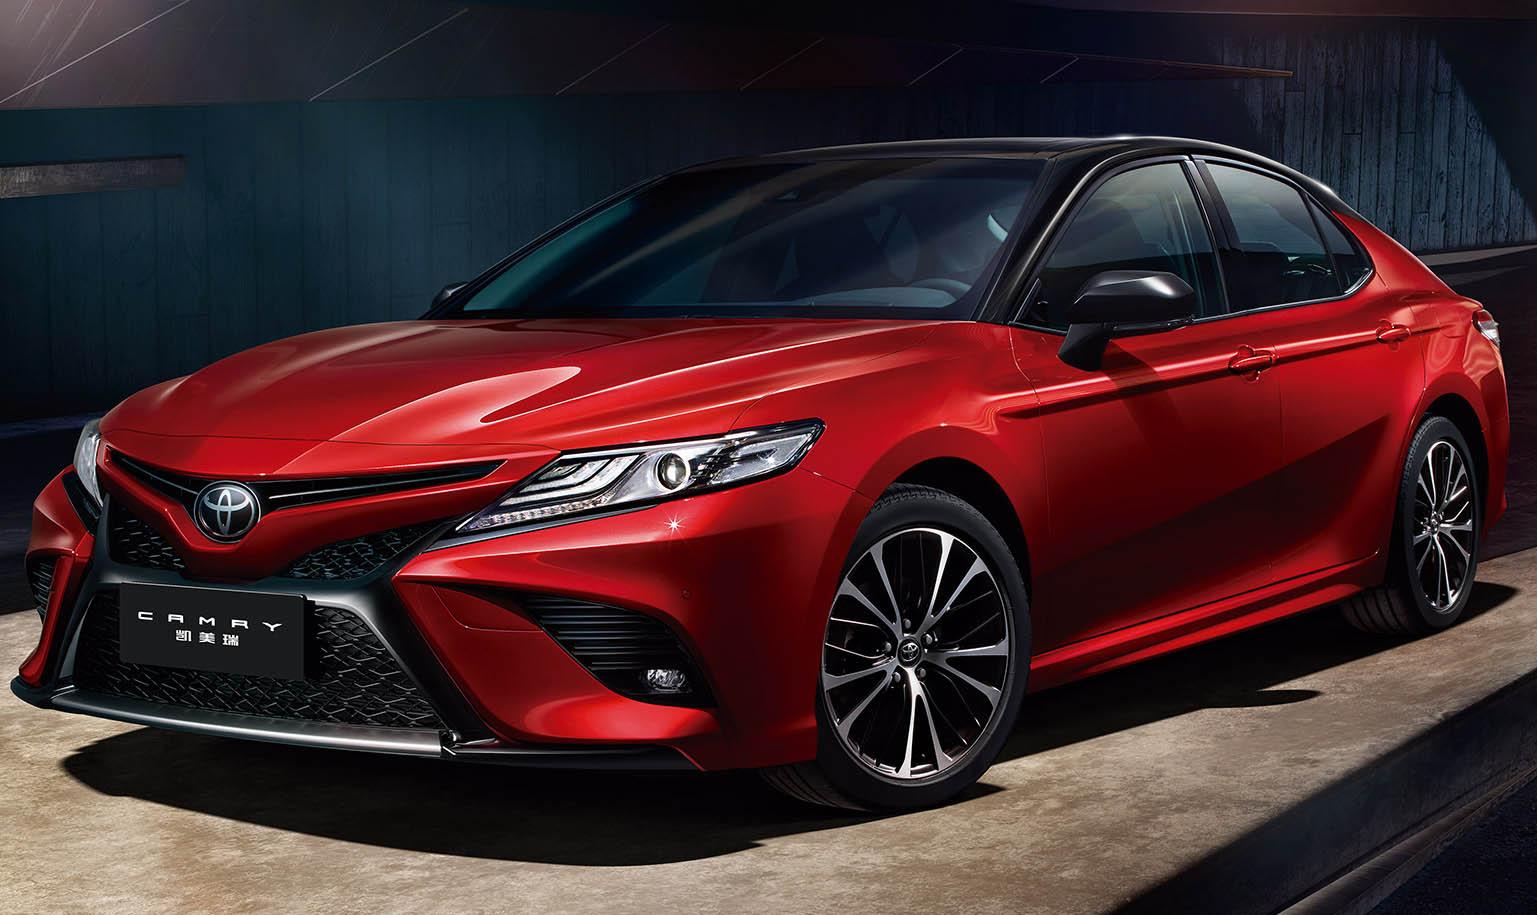 环比增长89.6% 广汽丰田刷新单月销量记录